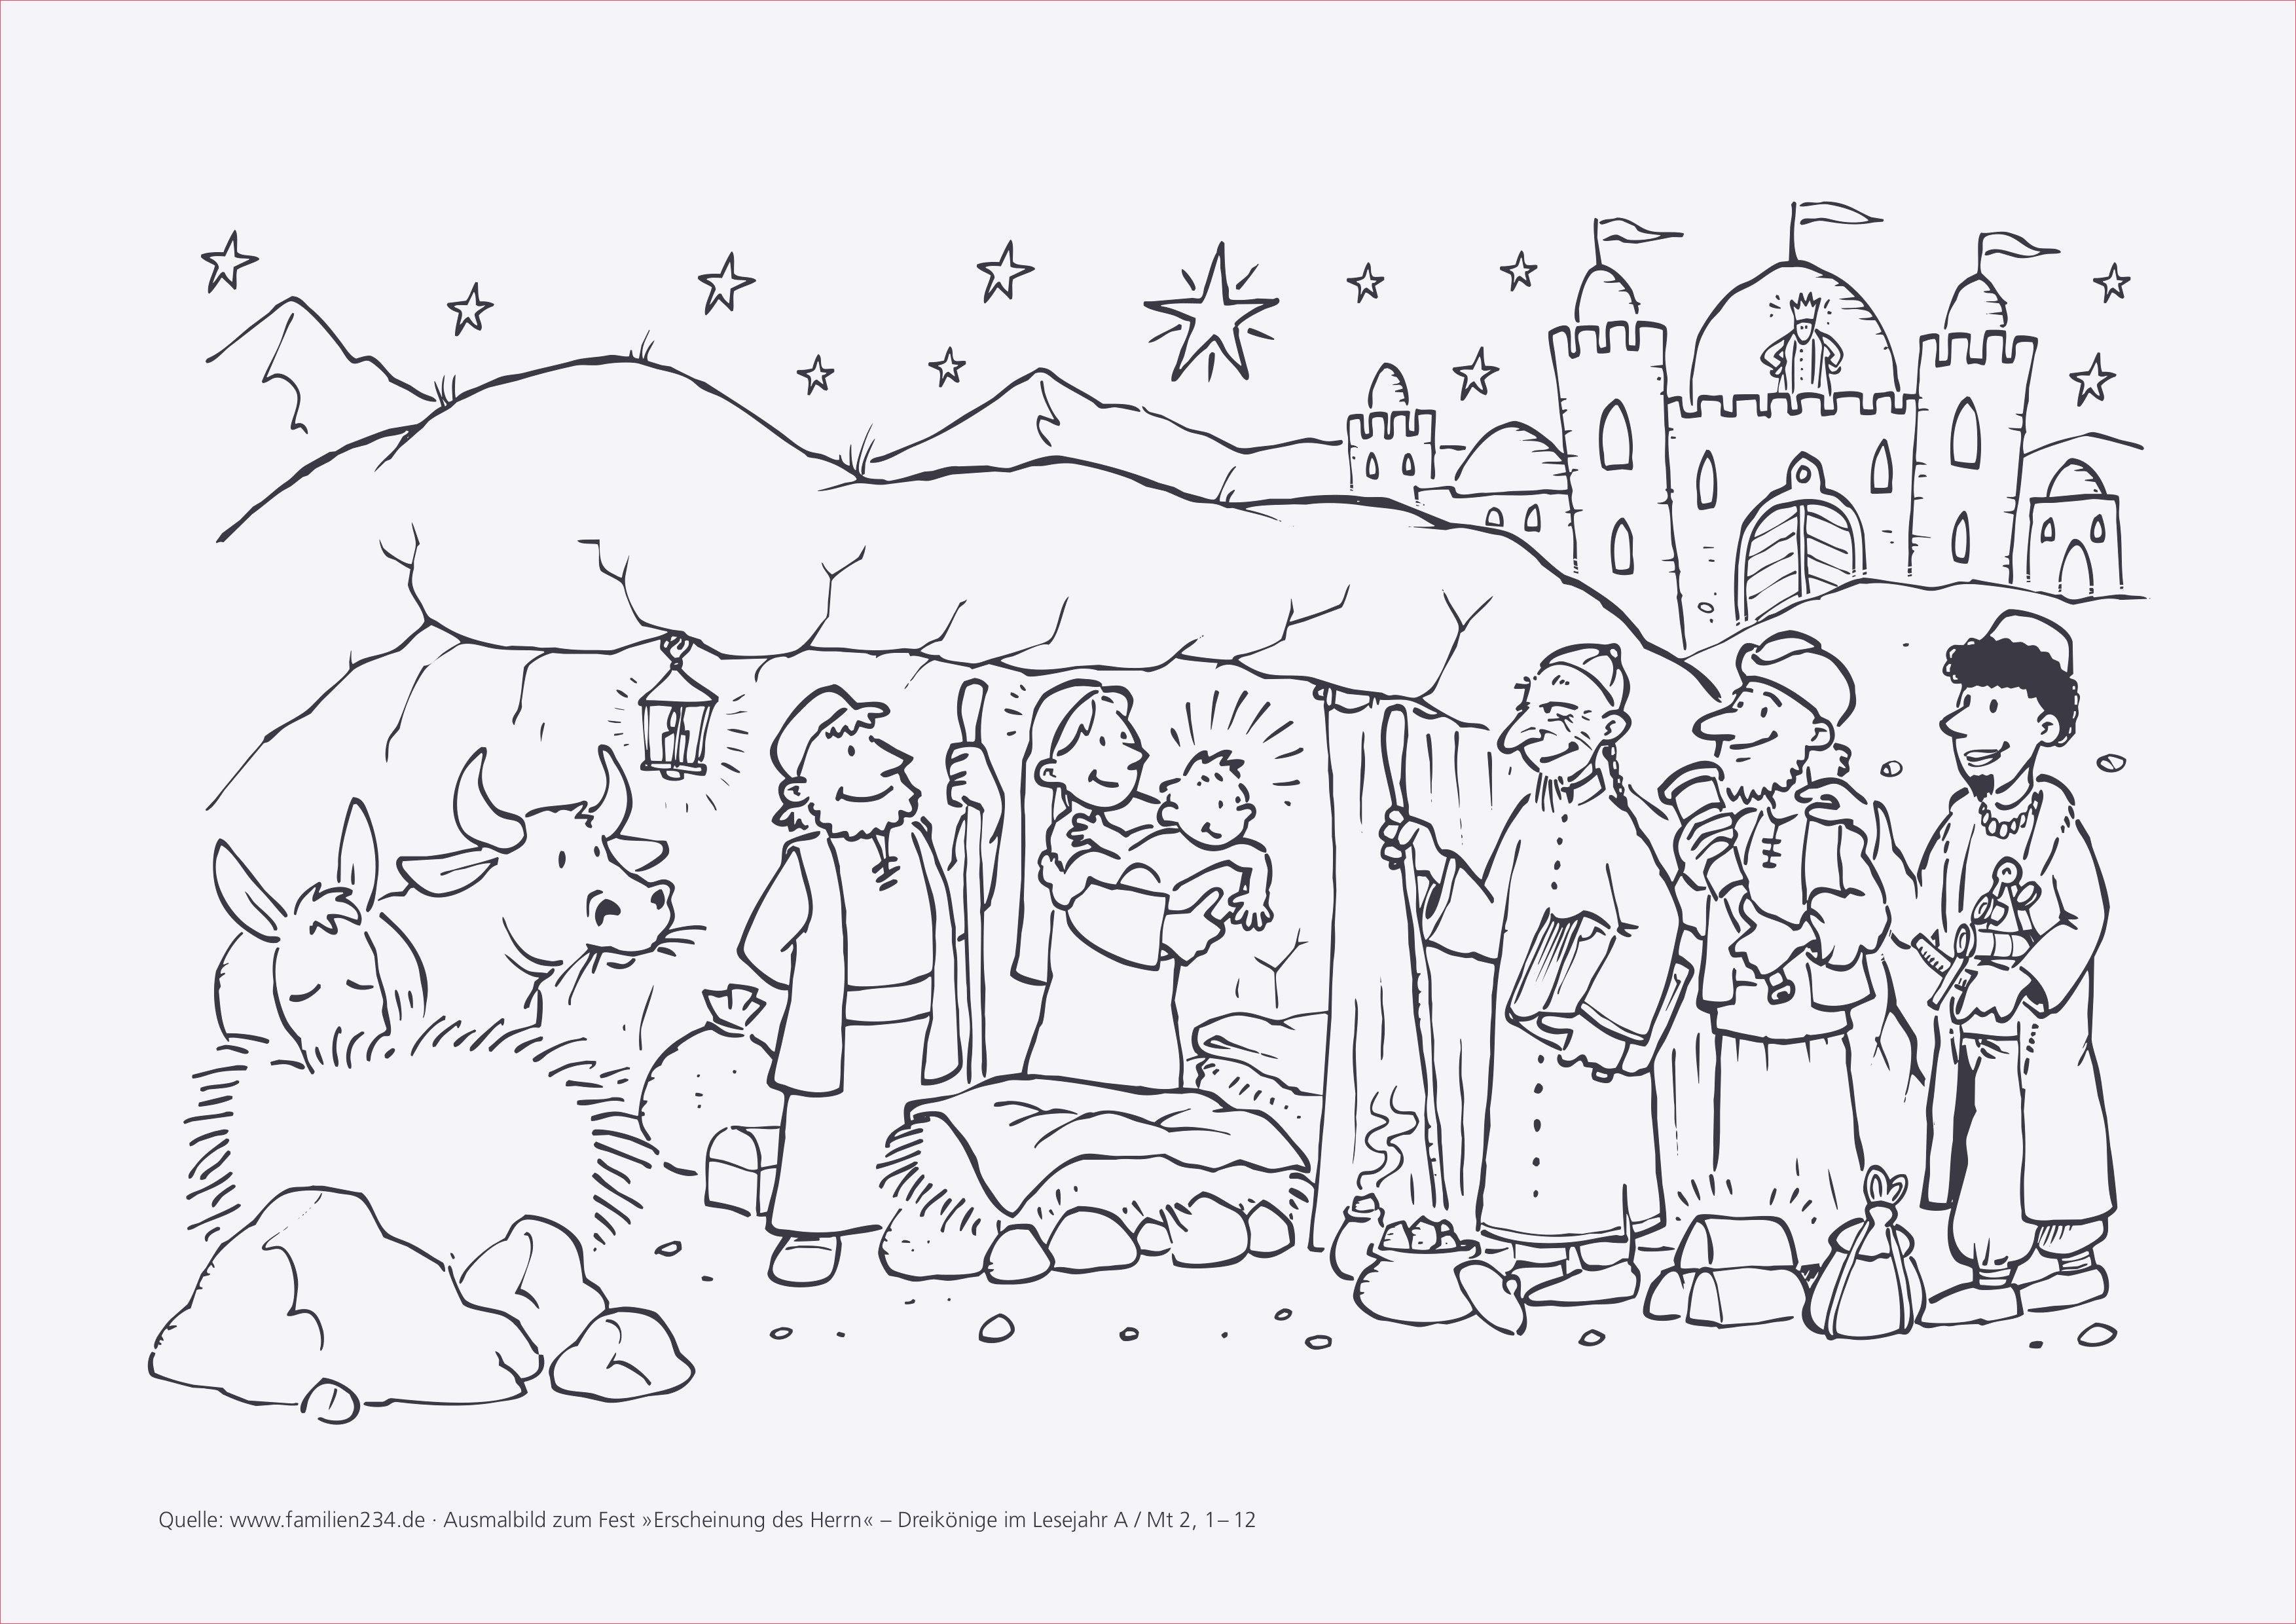 Ausmalbilder Weihnachten Krippe Das Beste Von Ausmalbilder Kostenlos Krippe Das Bild